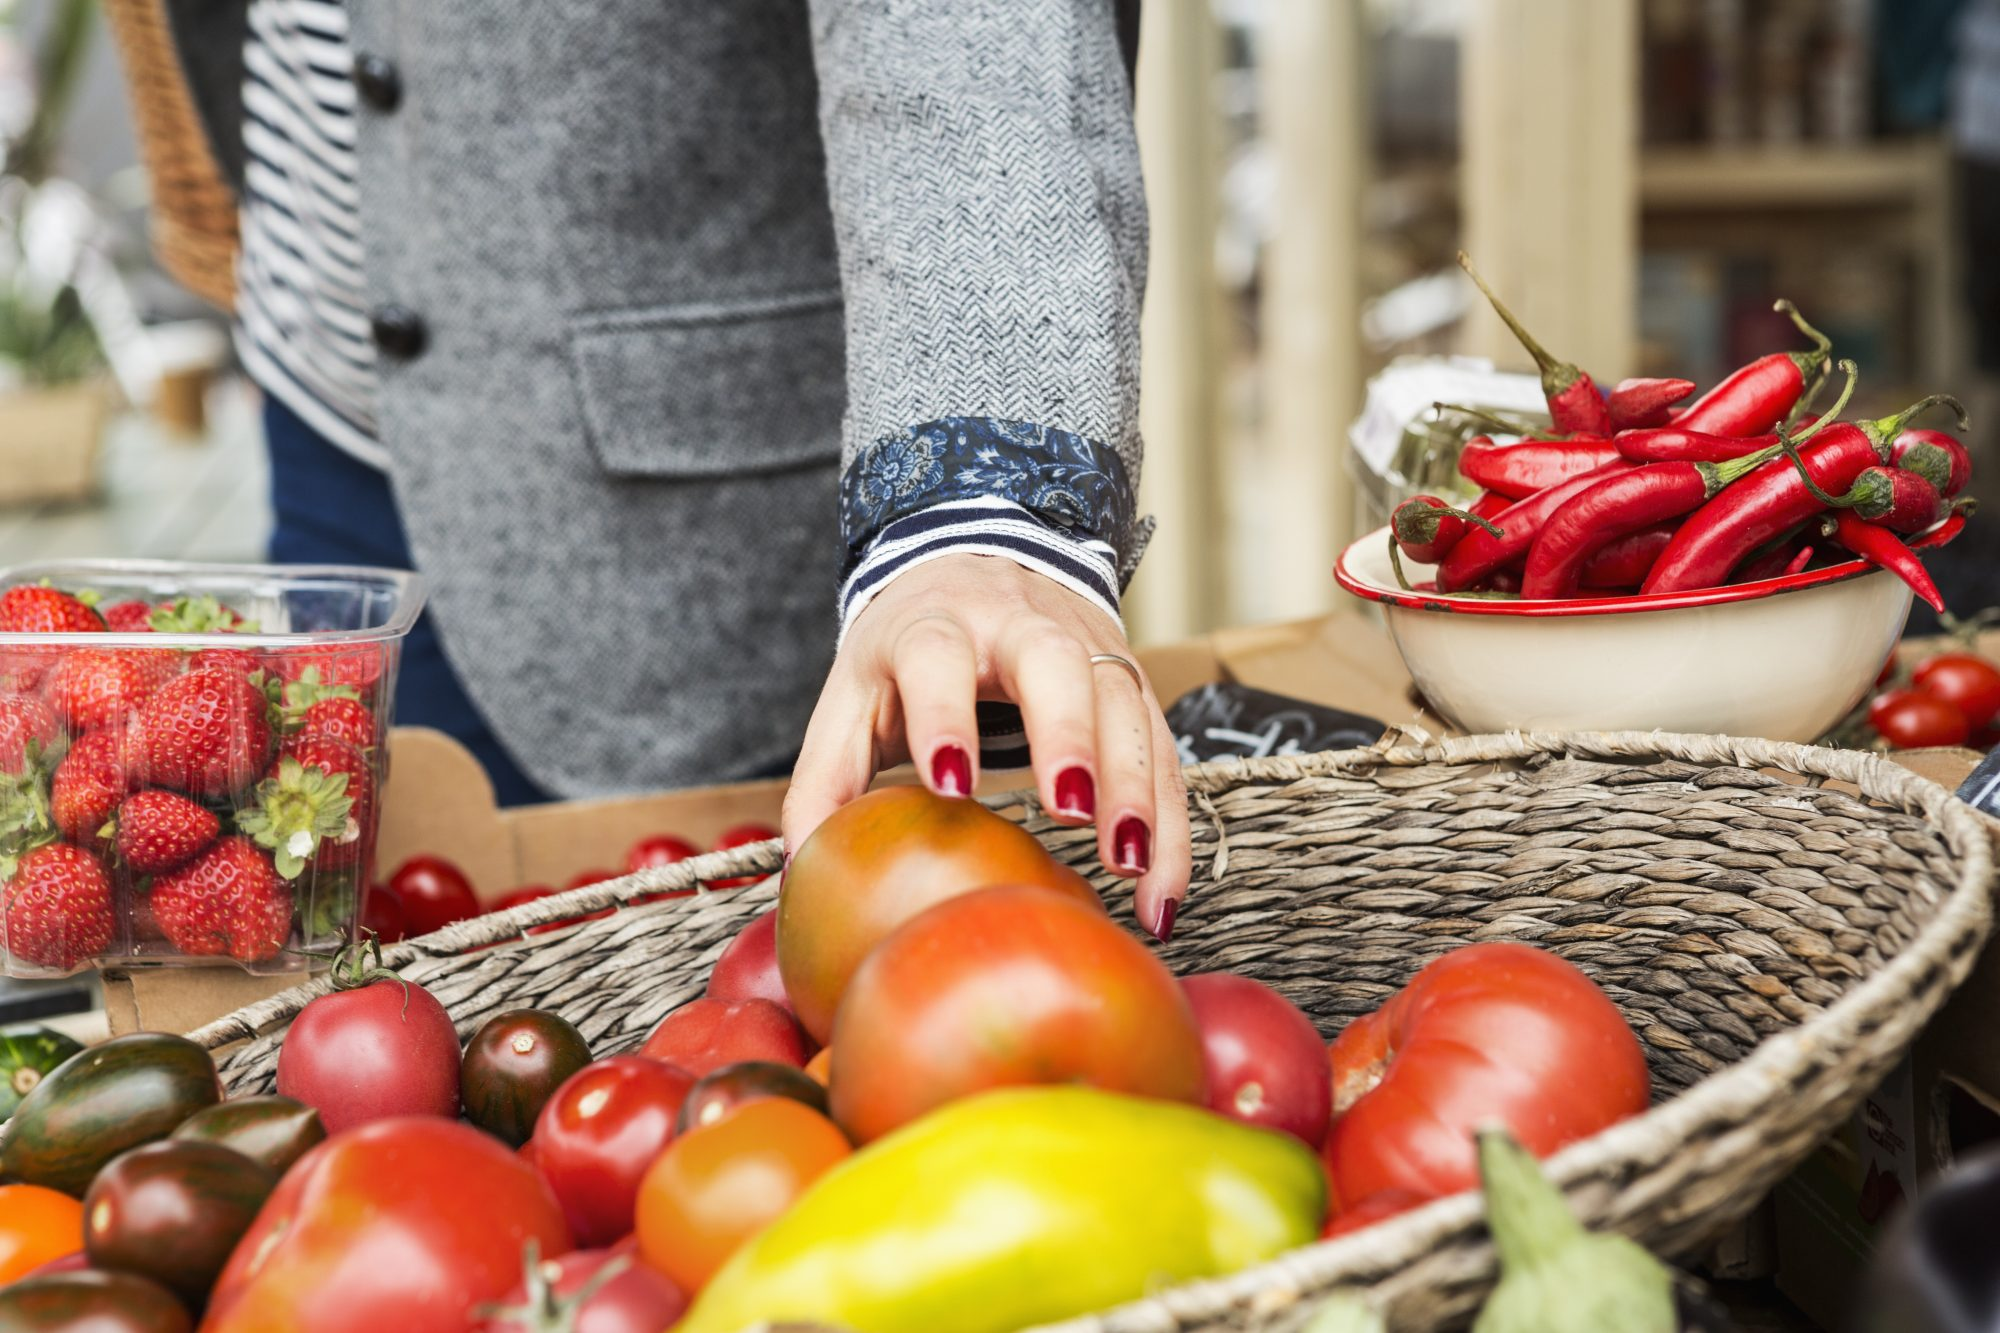 getty-farmers-market-image